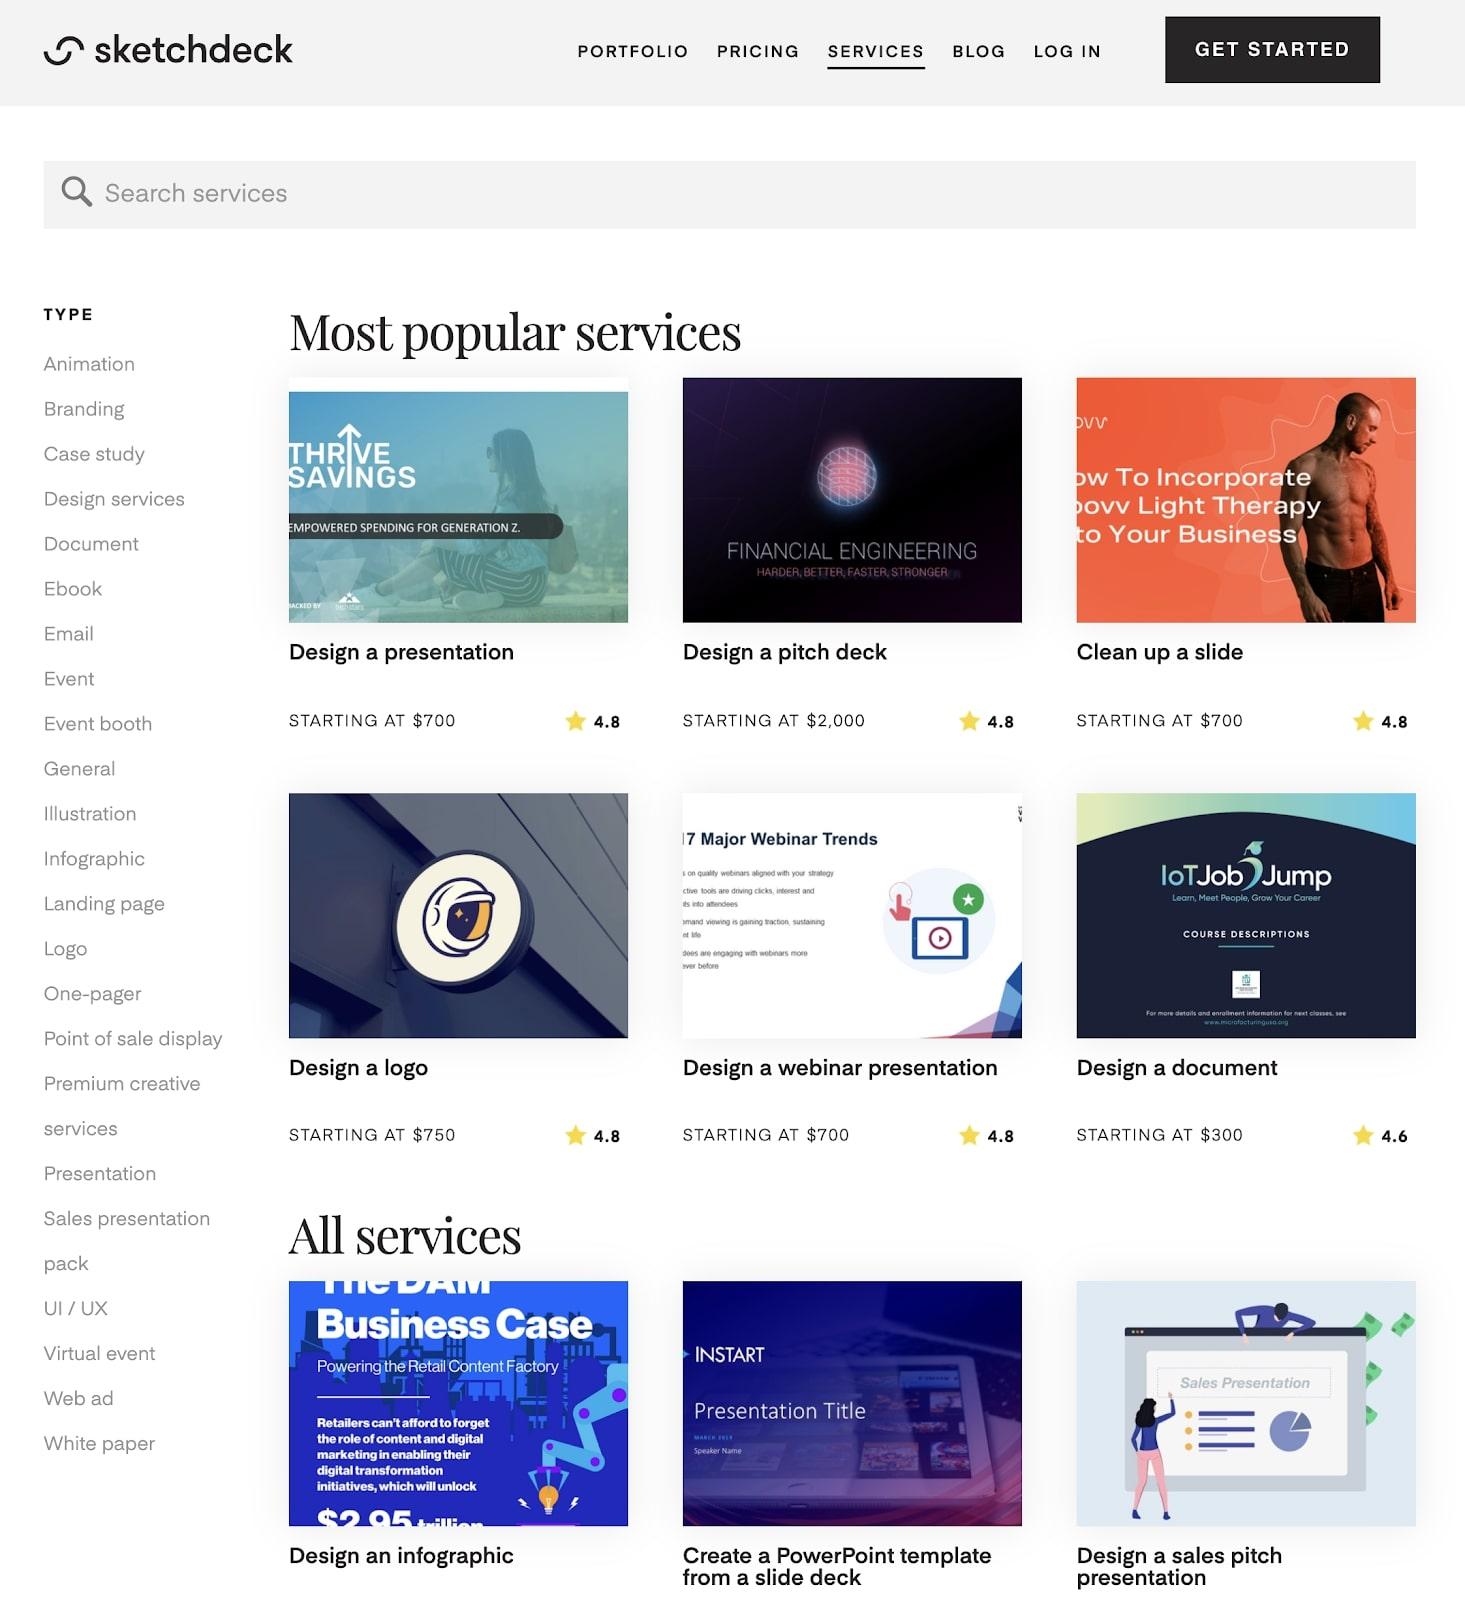 sketchdeck website